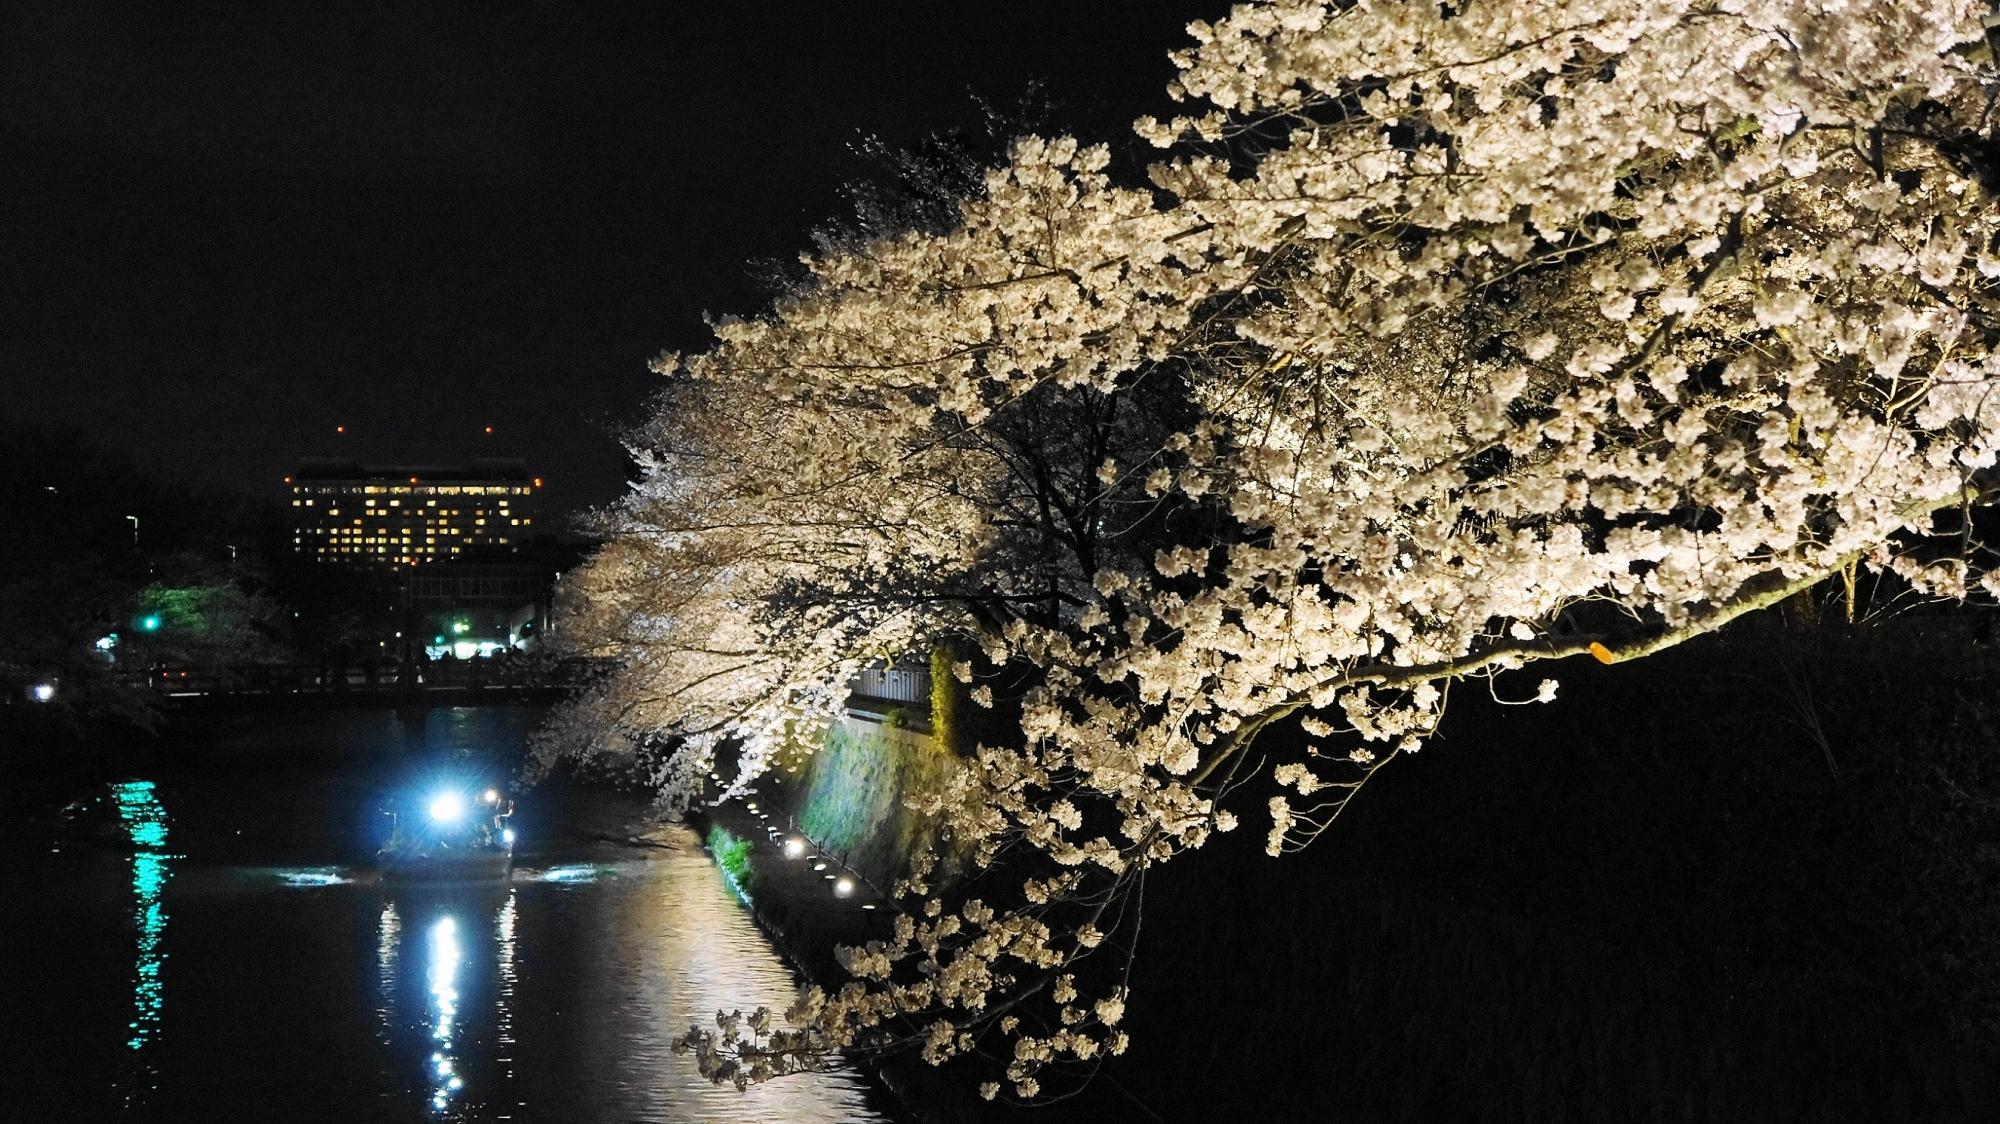 岡崎疏水の十石船と夜桜ライトアップ